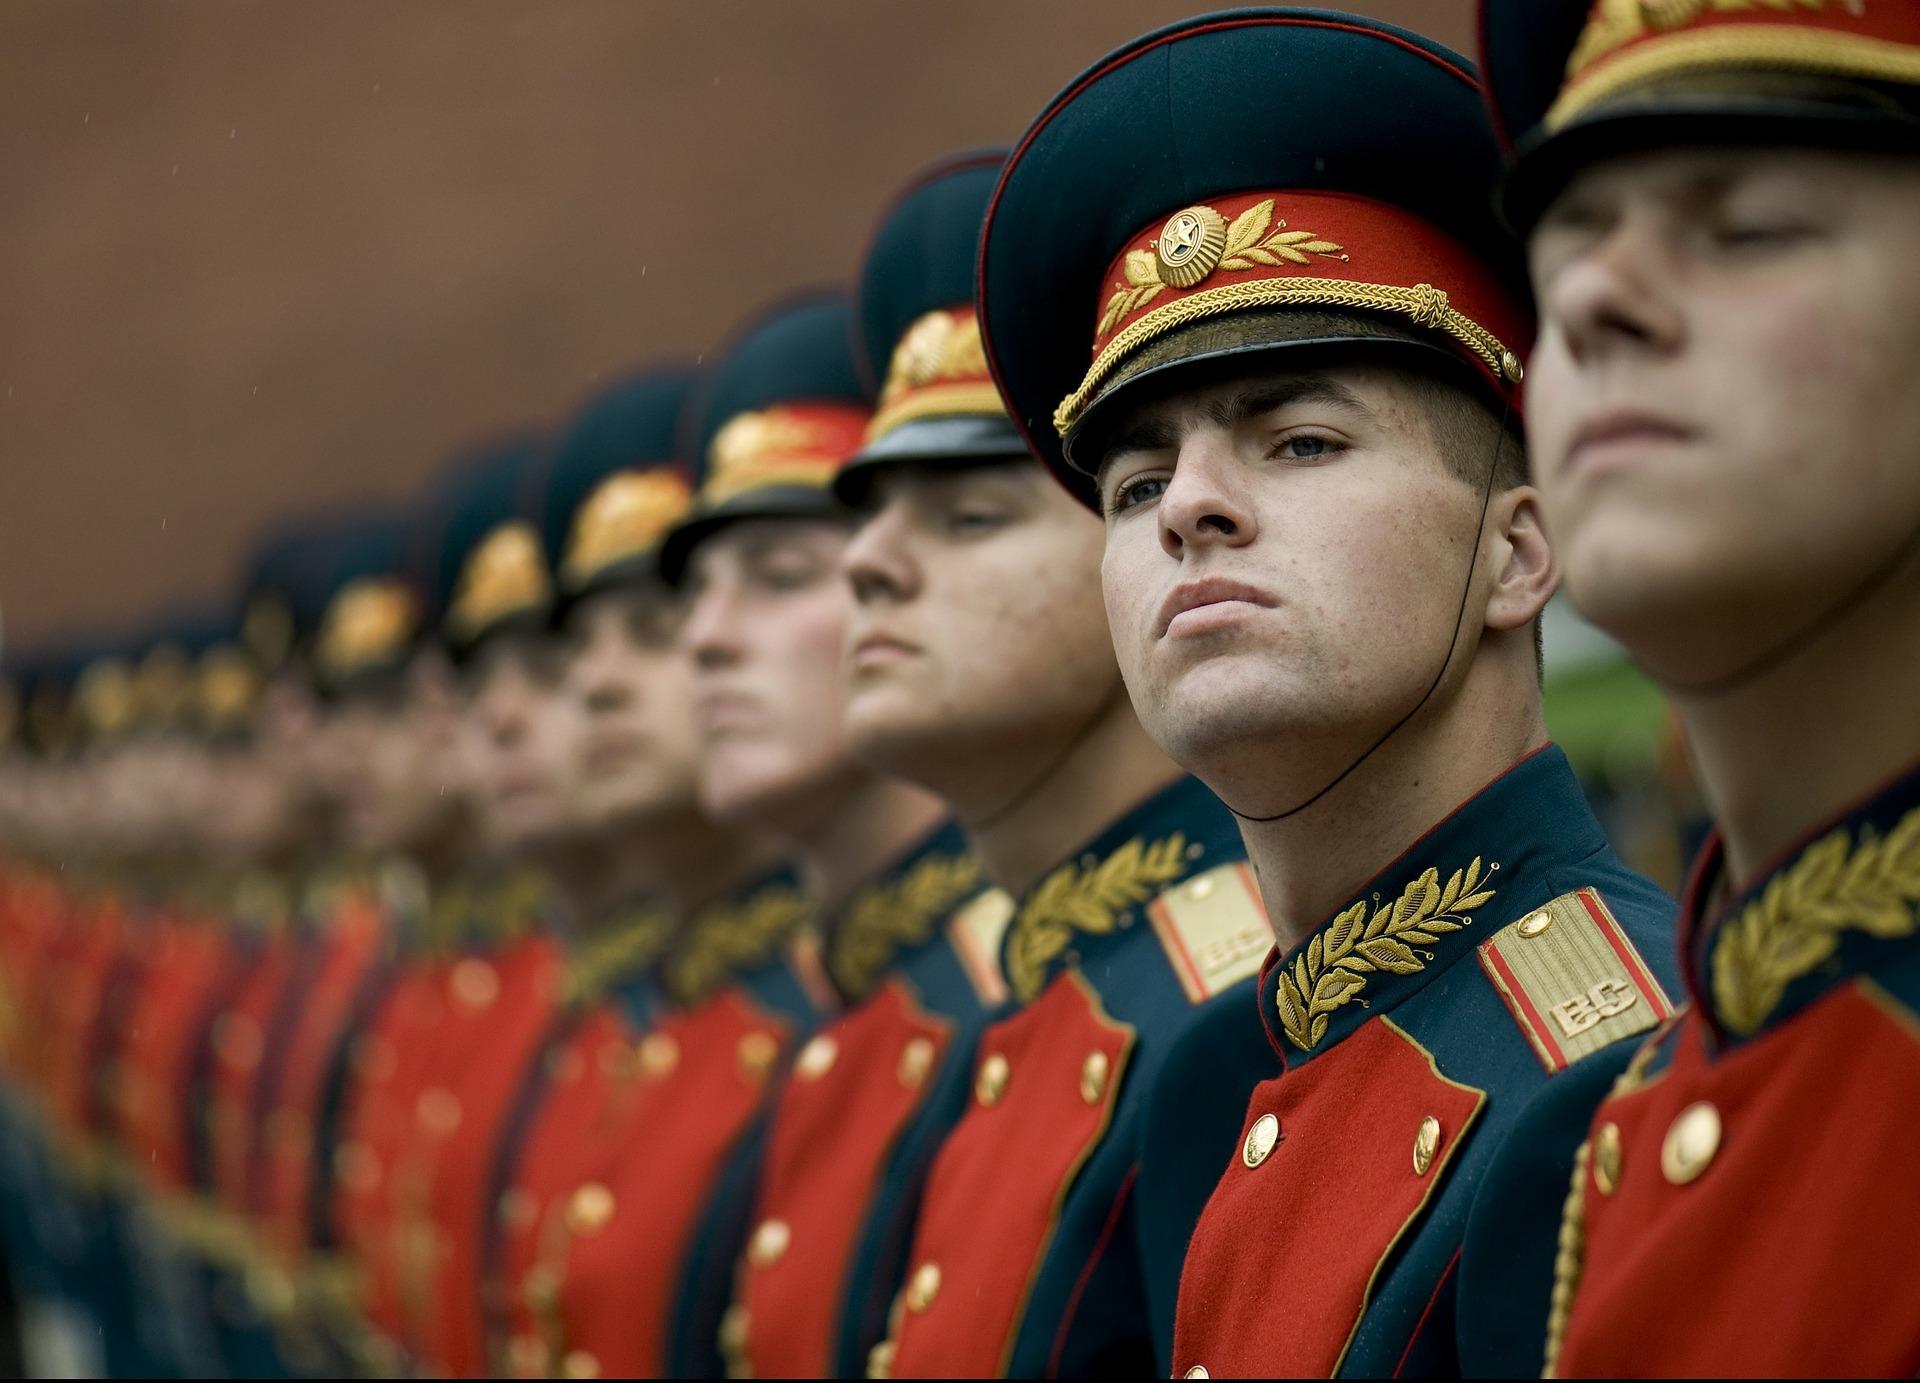 Une fuite de données du FSB révèle les projets de cyberattaques des services de renseignement russes